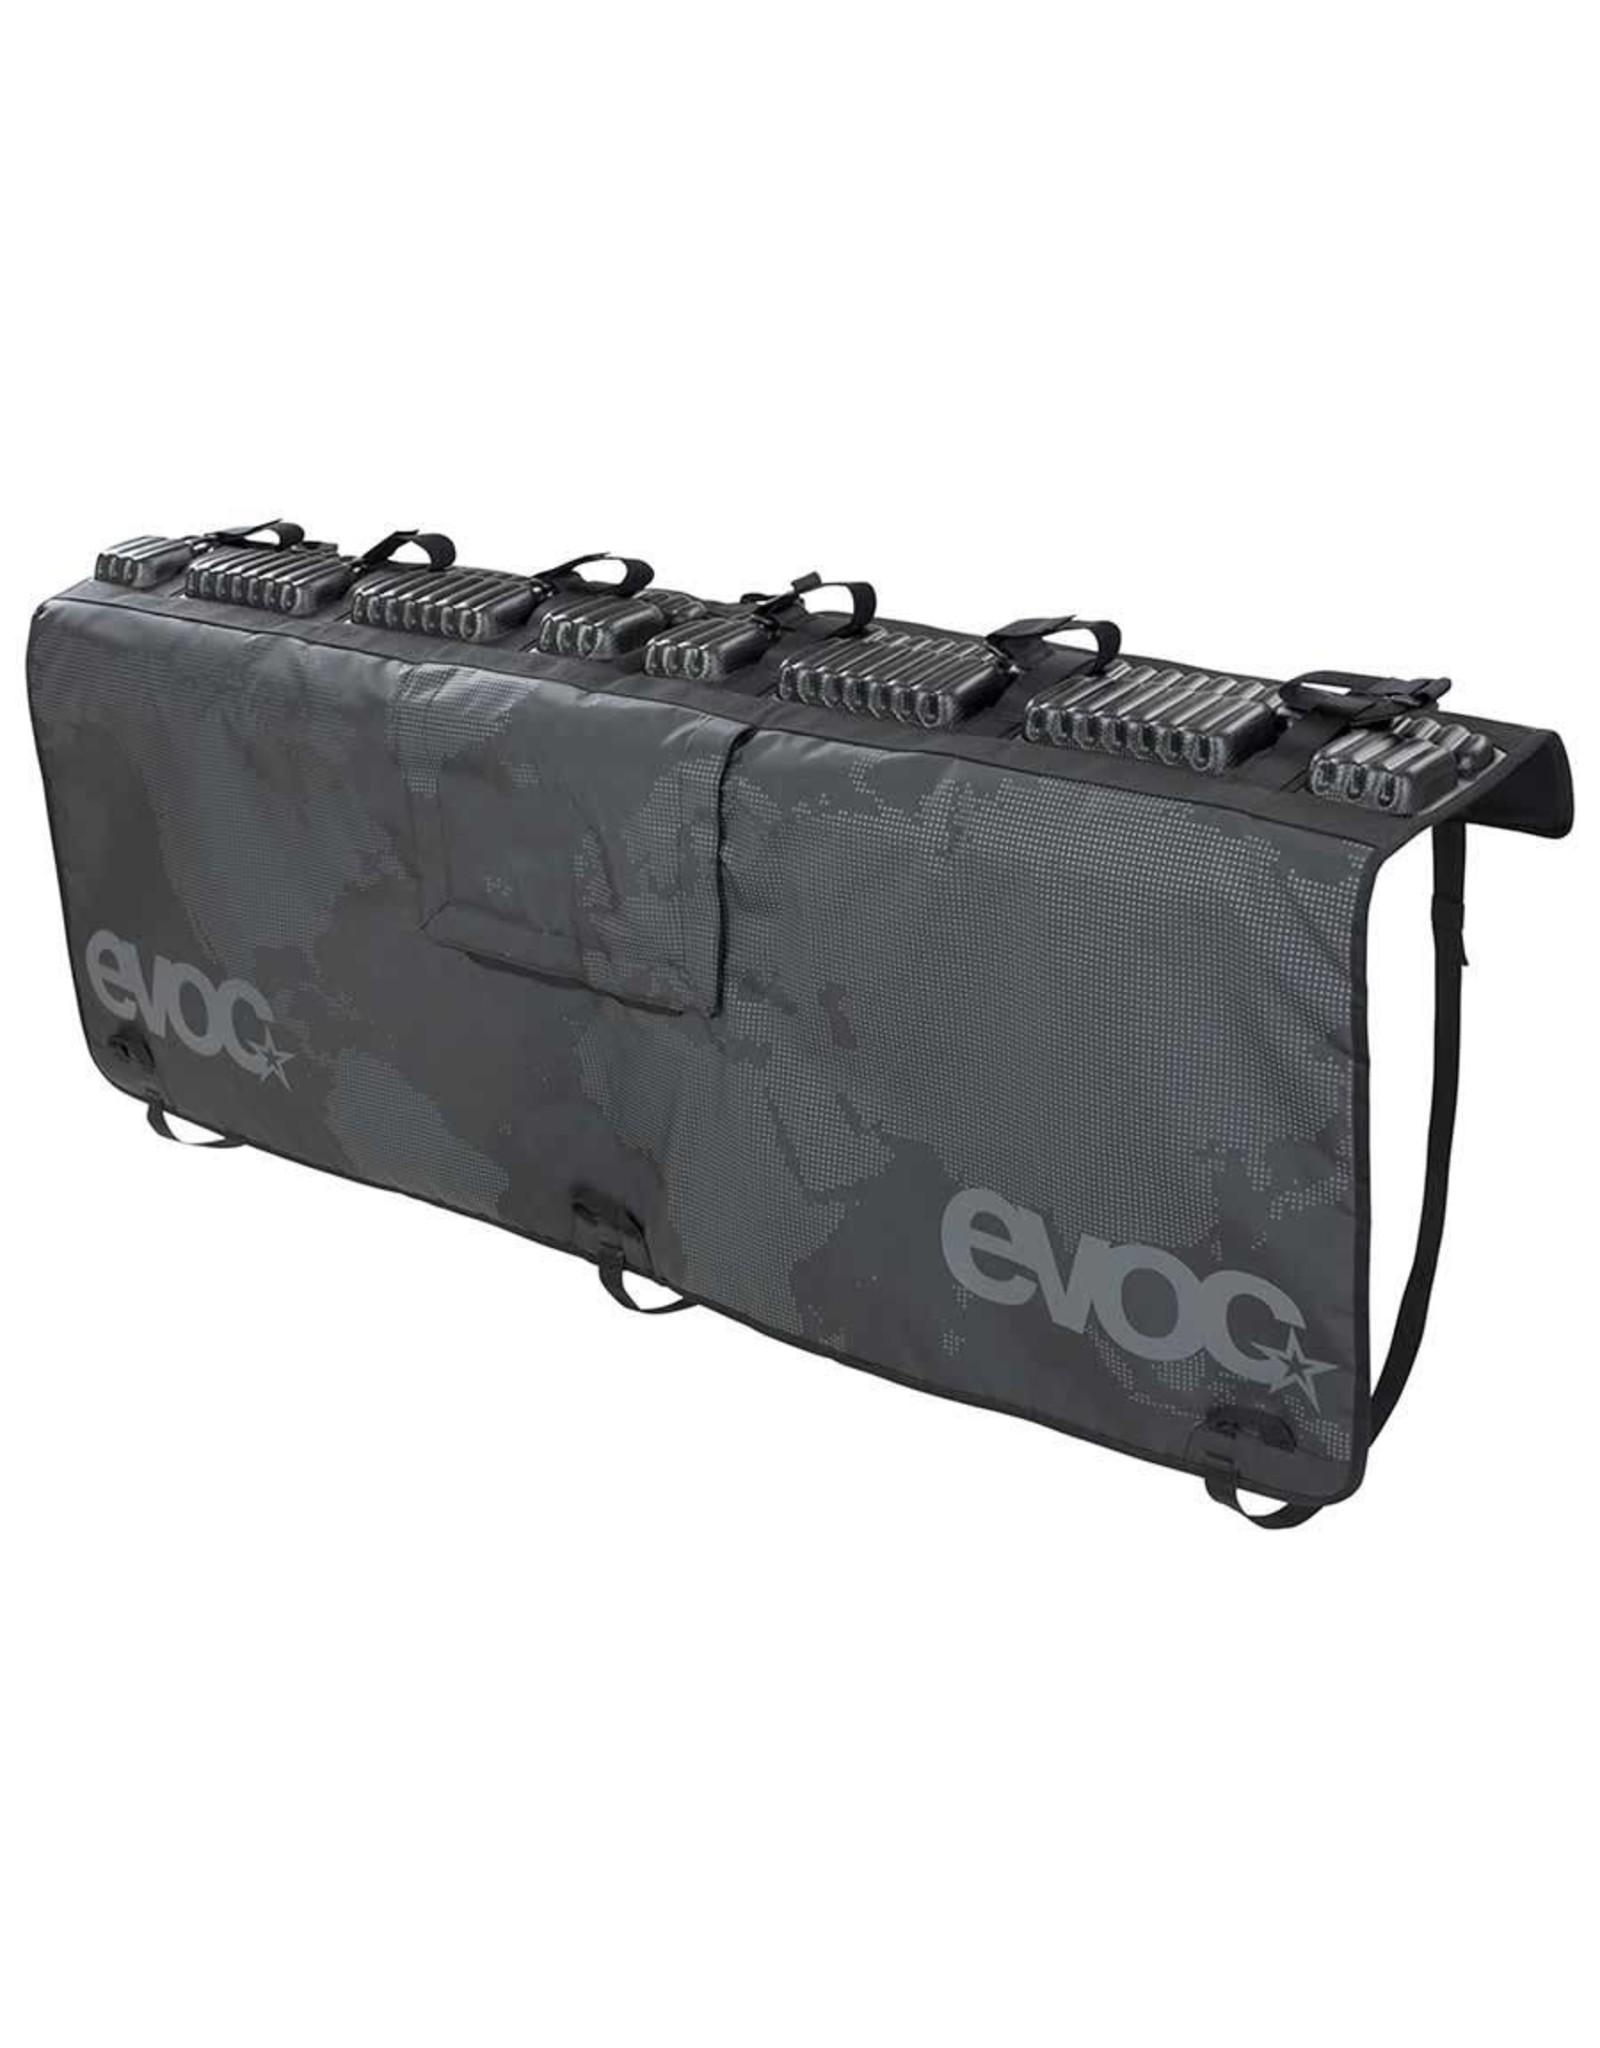 EVOC Protecteur de panneau de boite de camionnette, 136cm